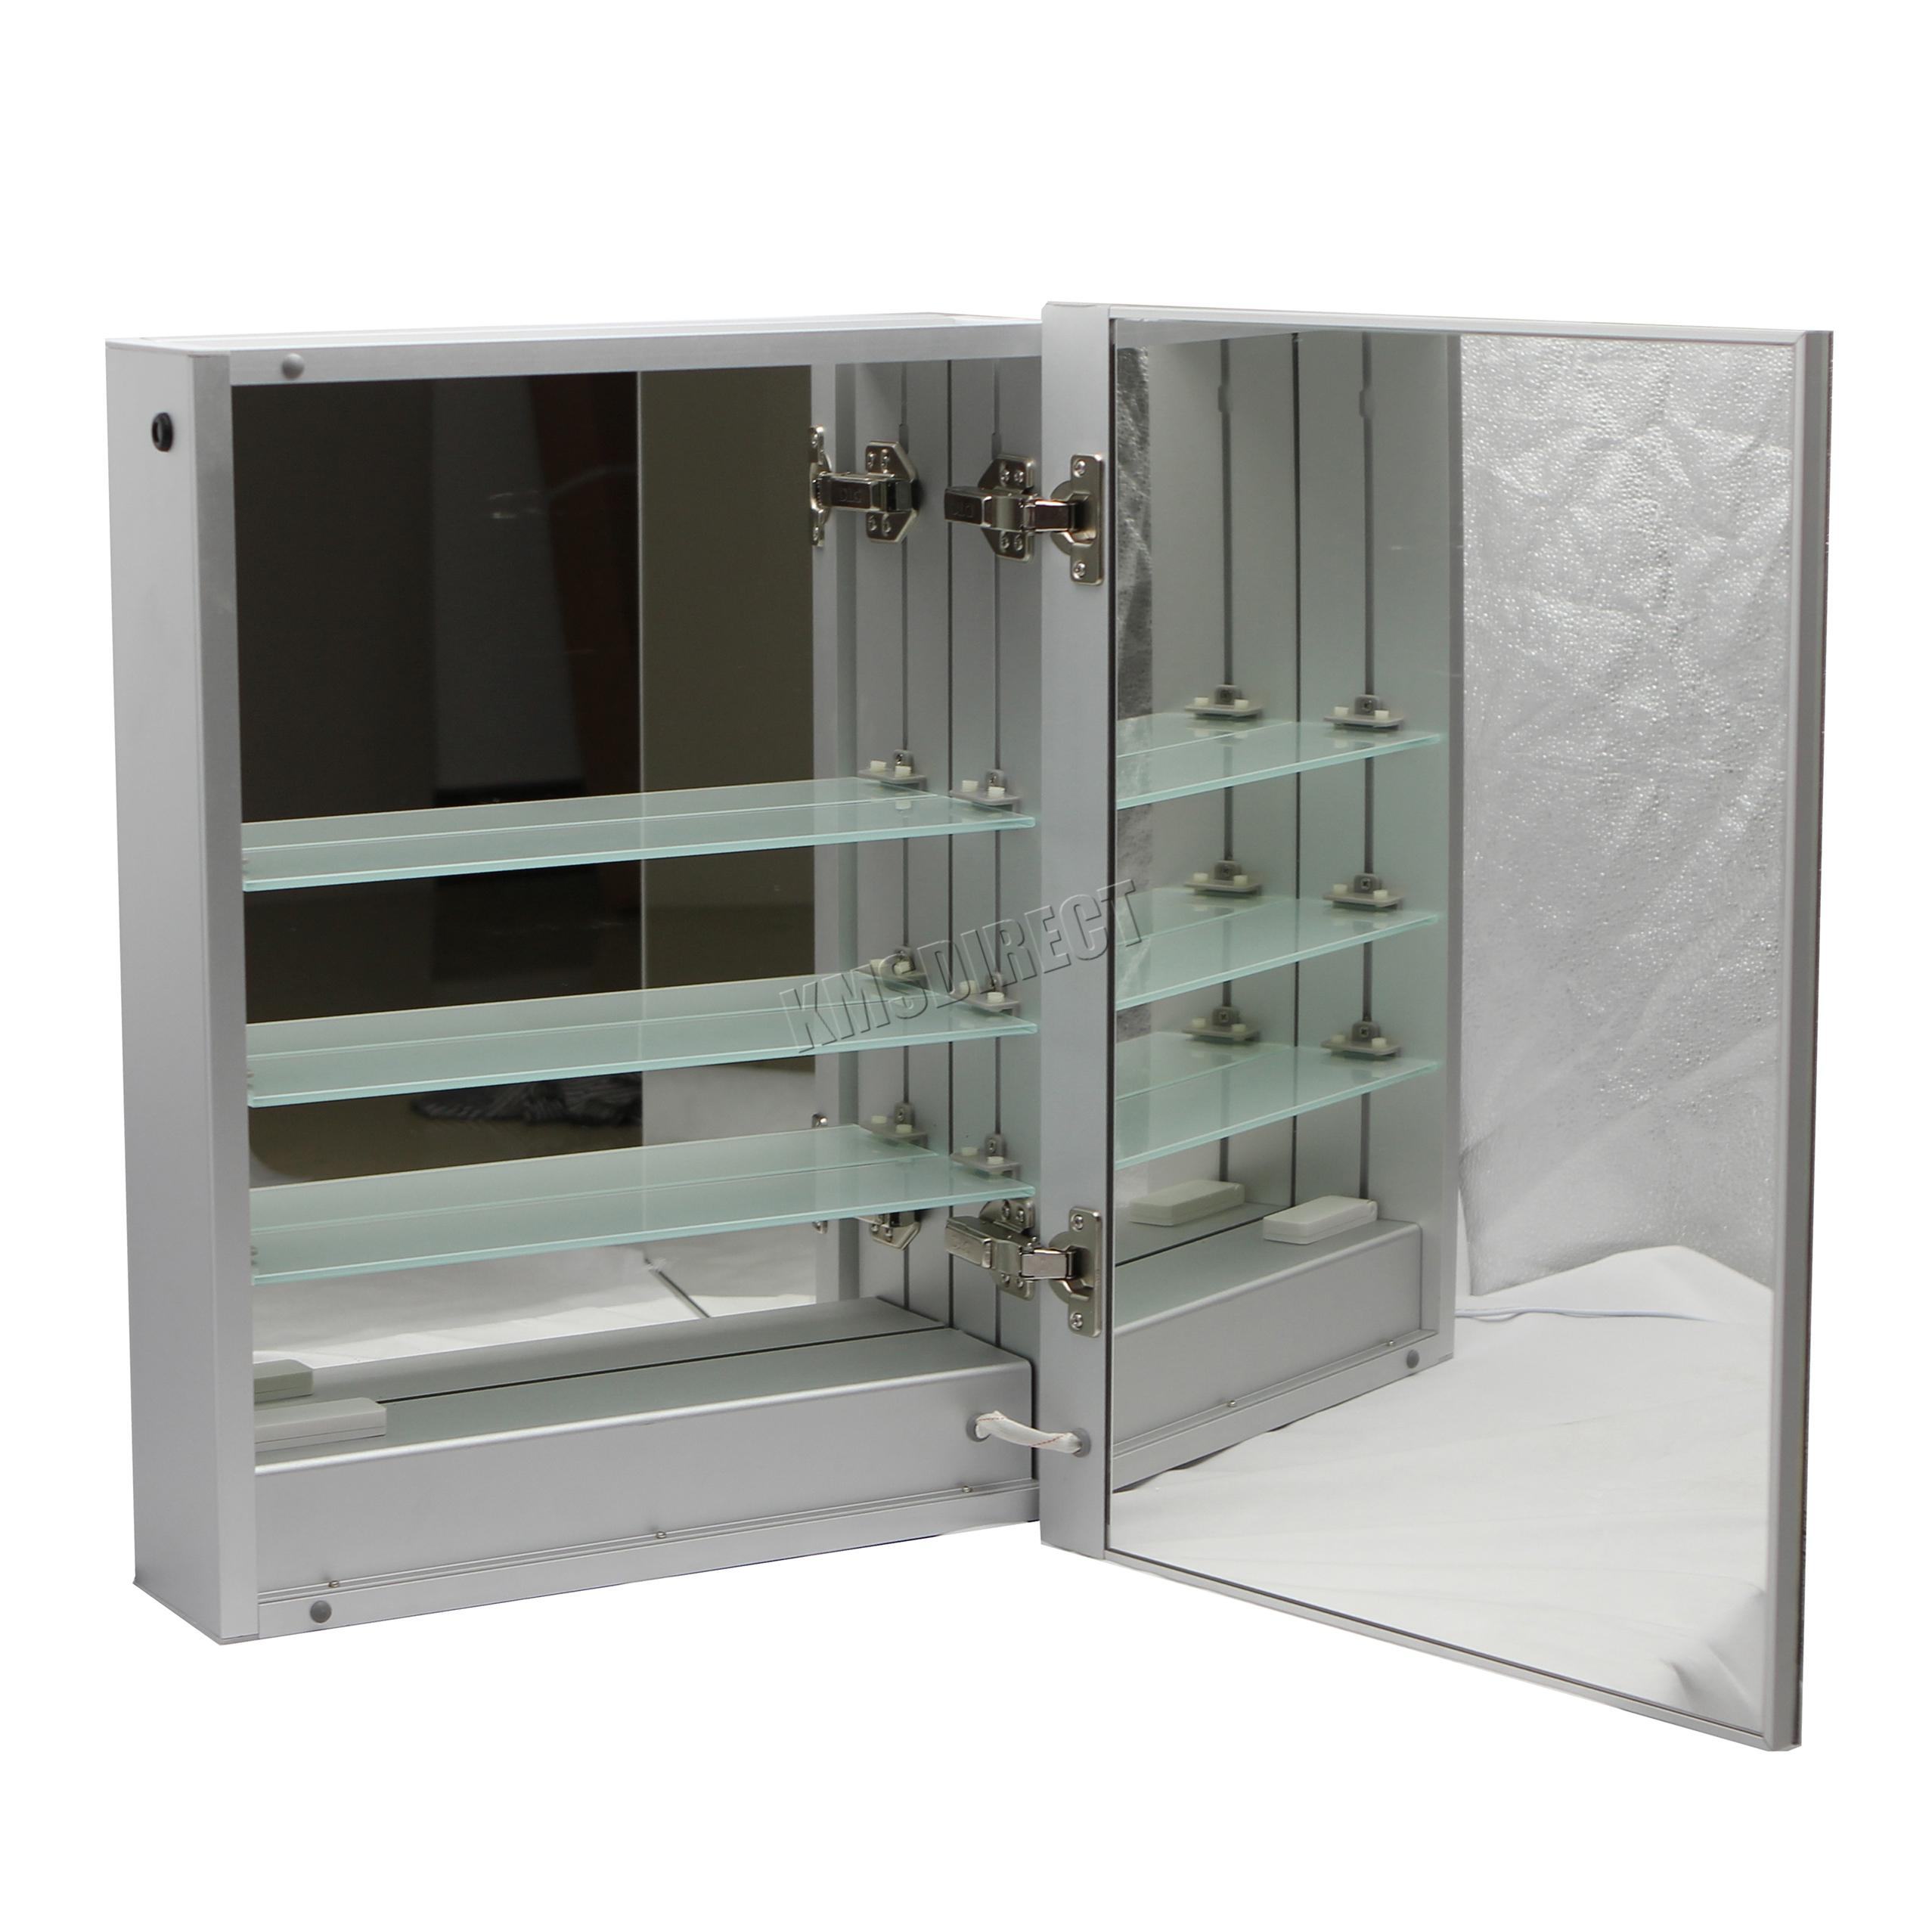 Foxhunter iluminado con luces led espejo gabinete de ba o acero almacenaje ebay - Espejo con almacenaje ...